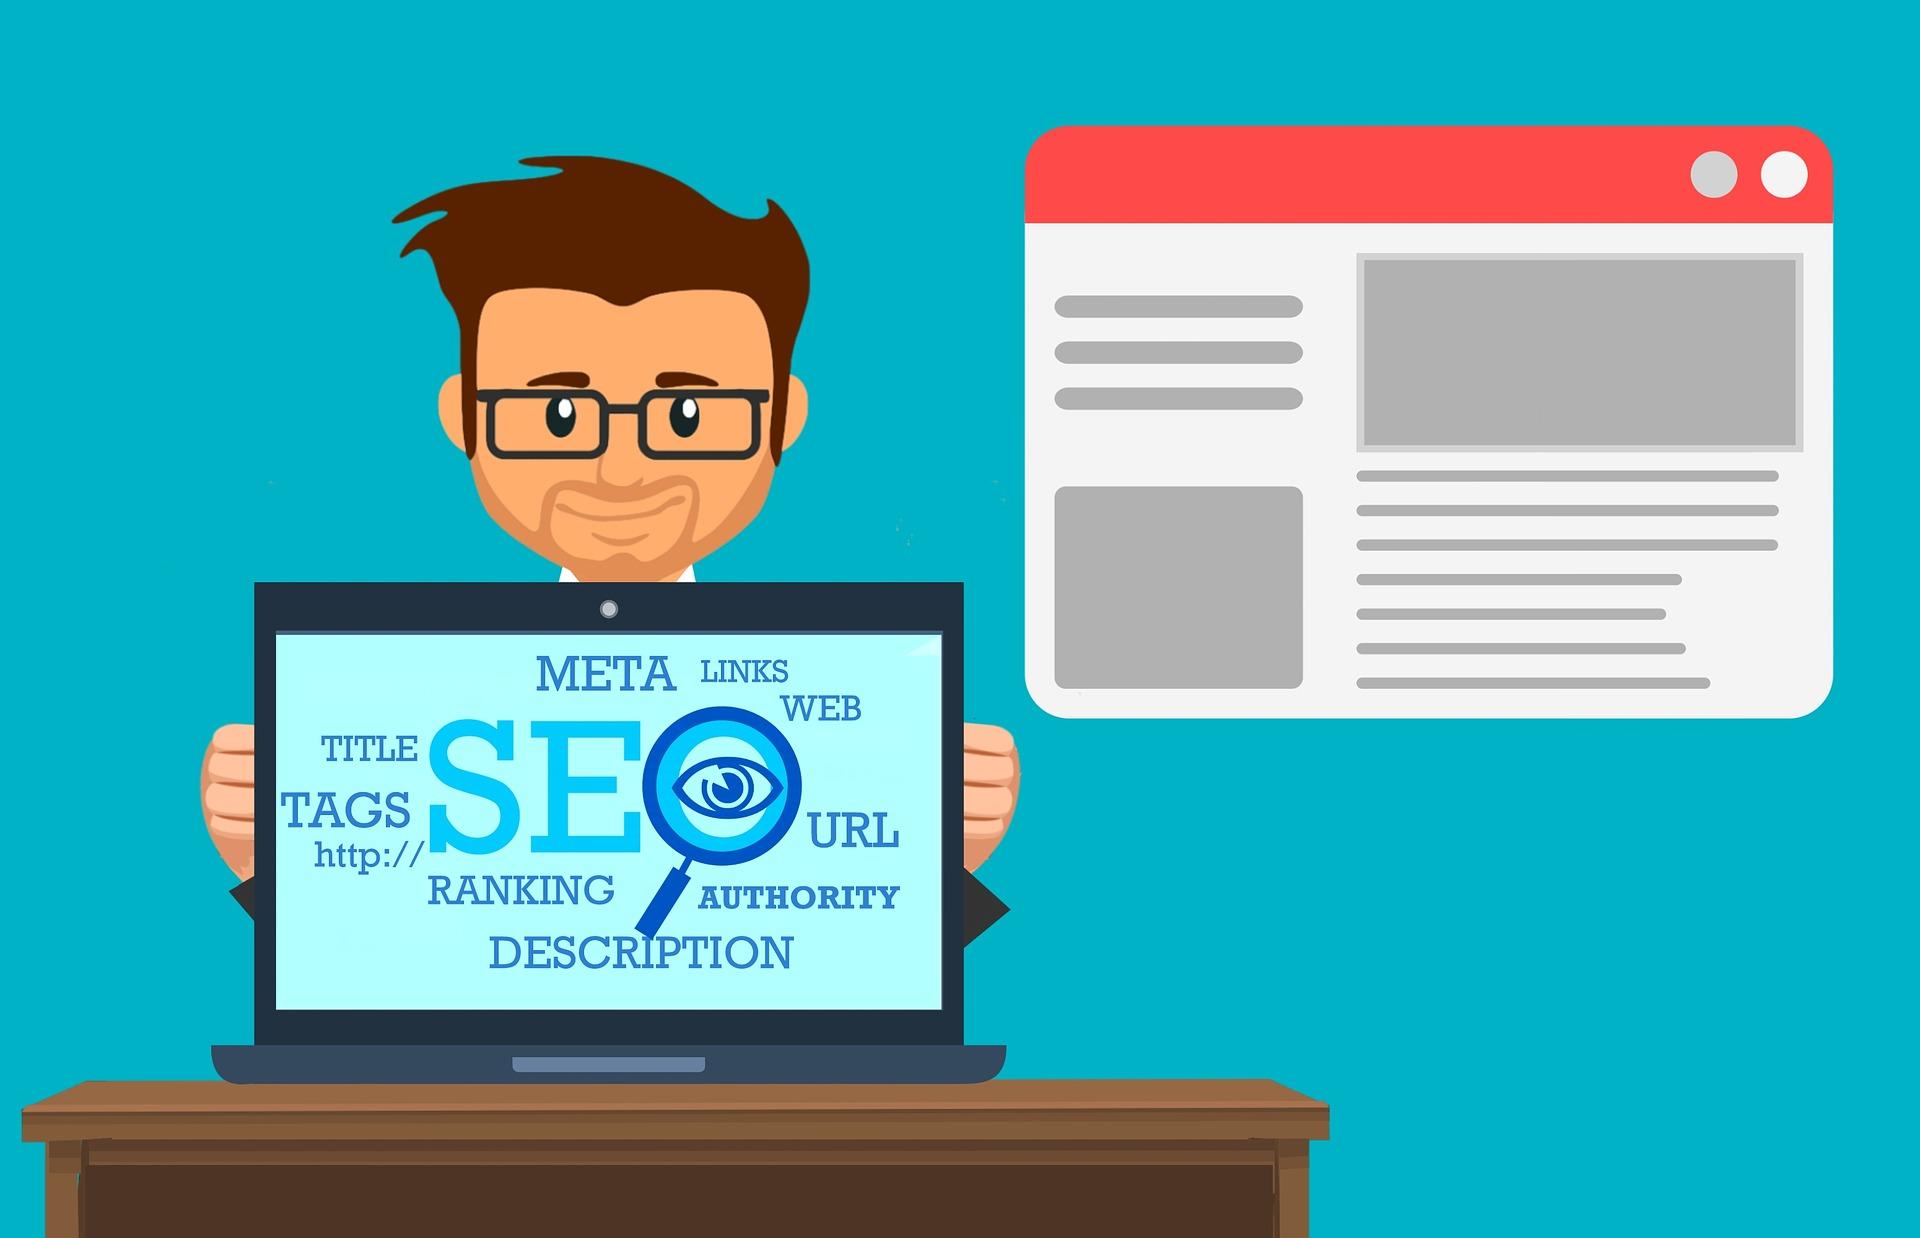 Neu bei SEO? Verstehen Sie den Jargon mit dieser grundlegenden Suchmaschinenterminologie.